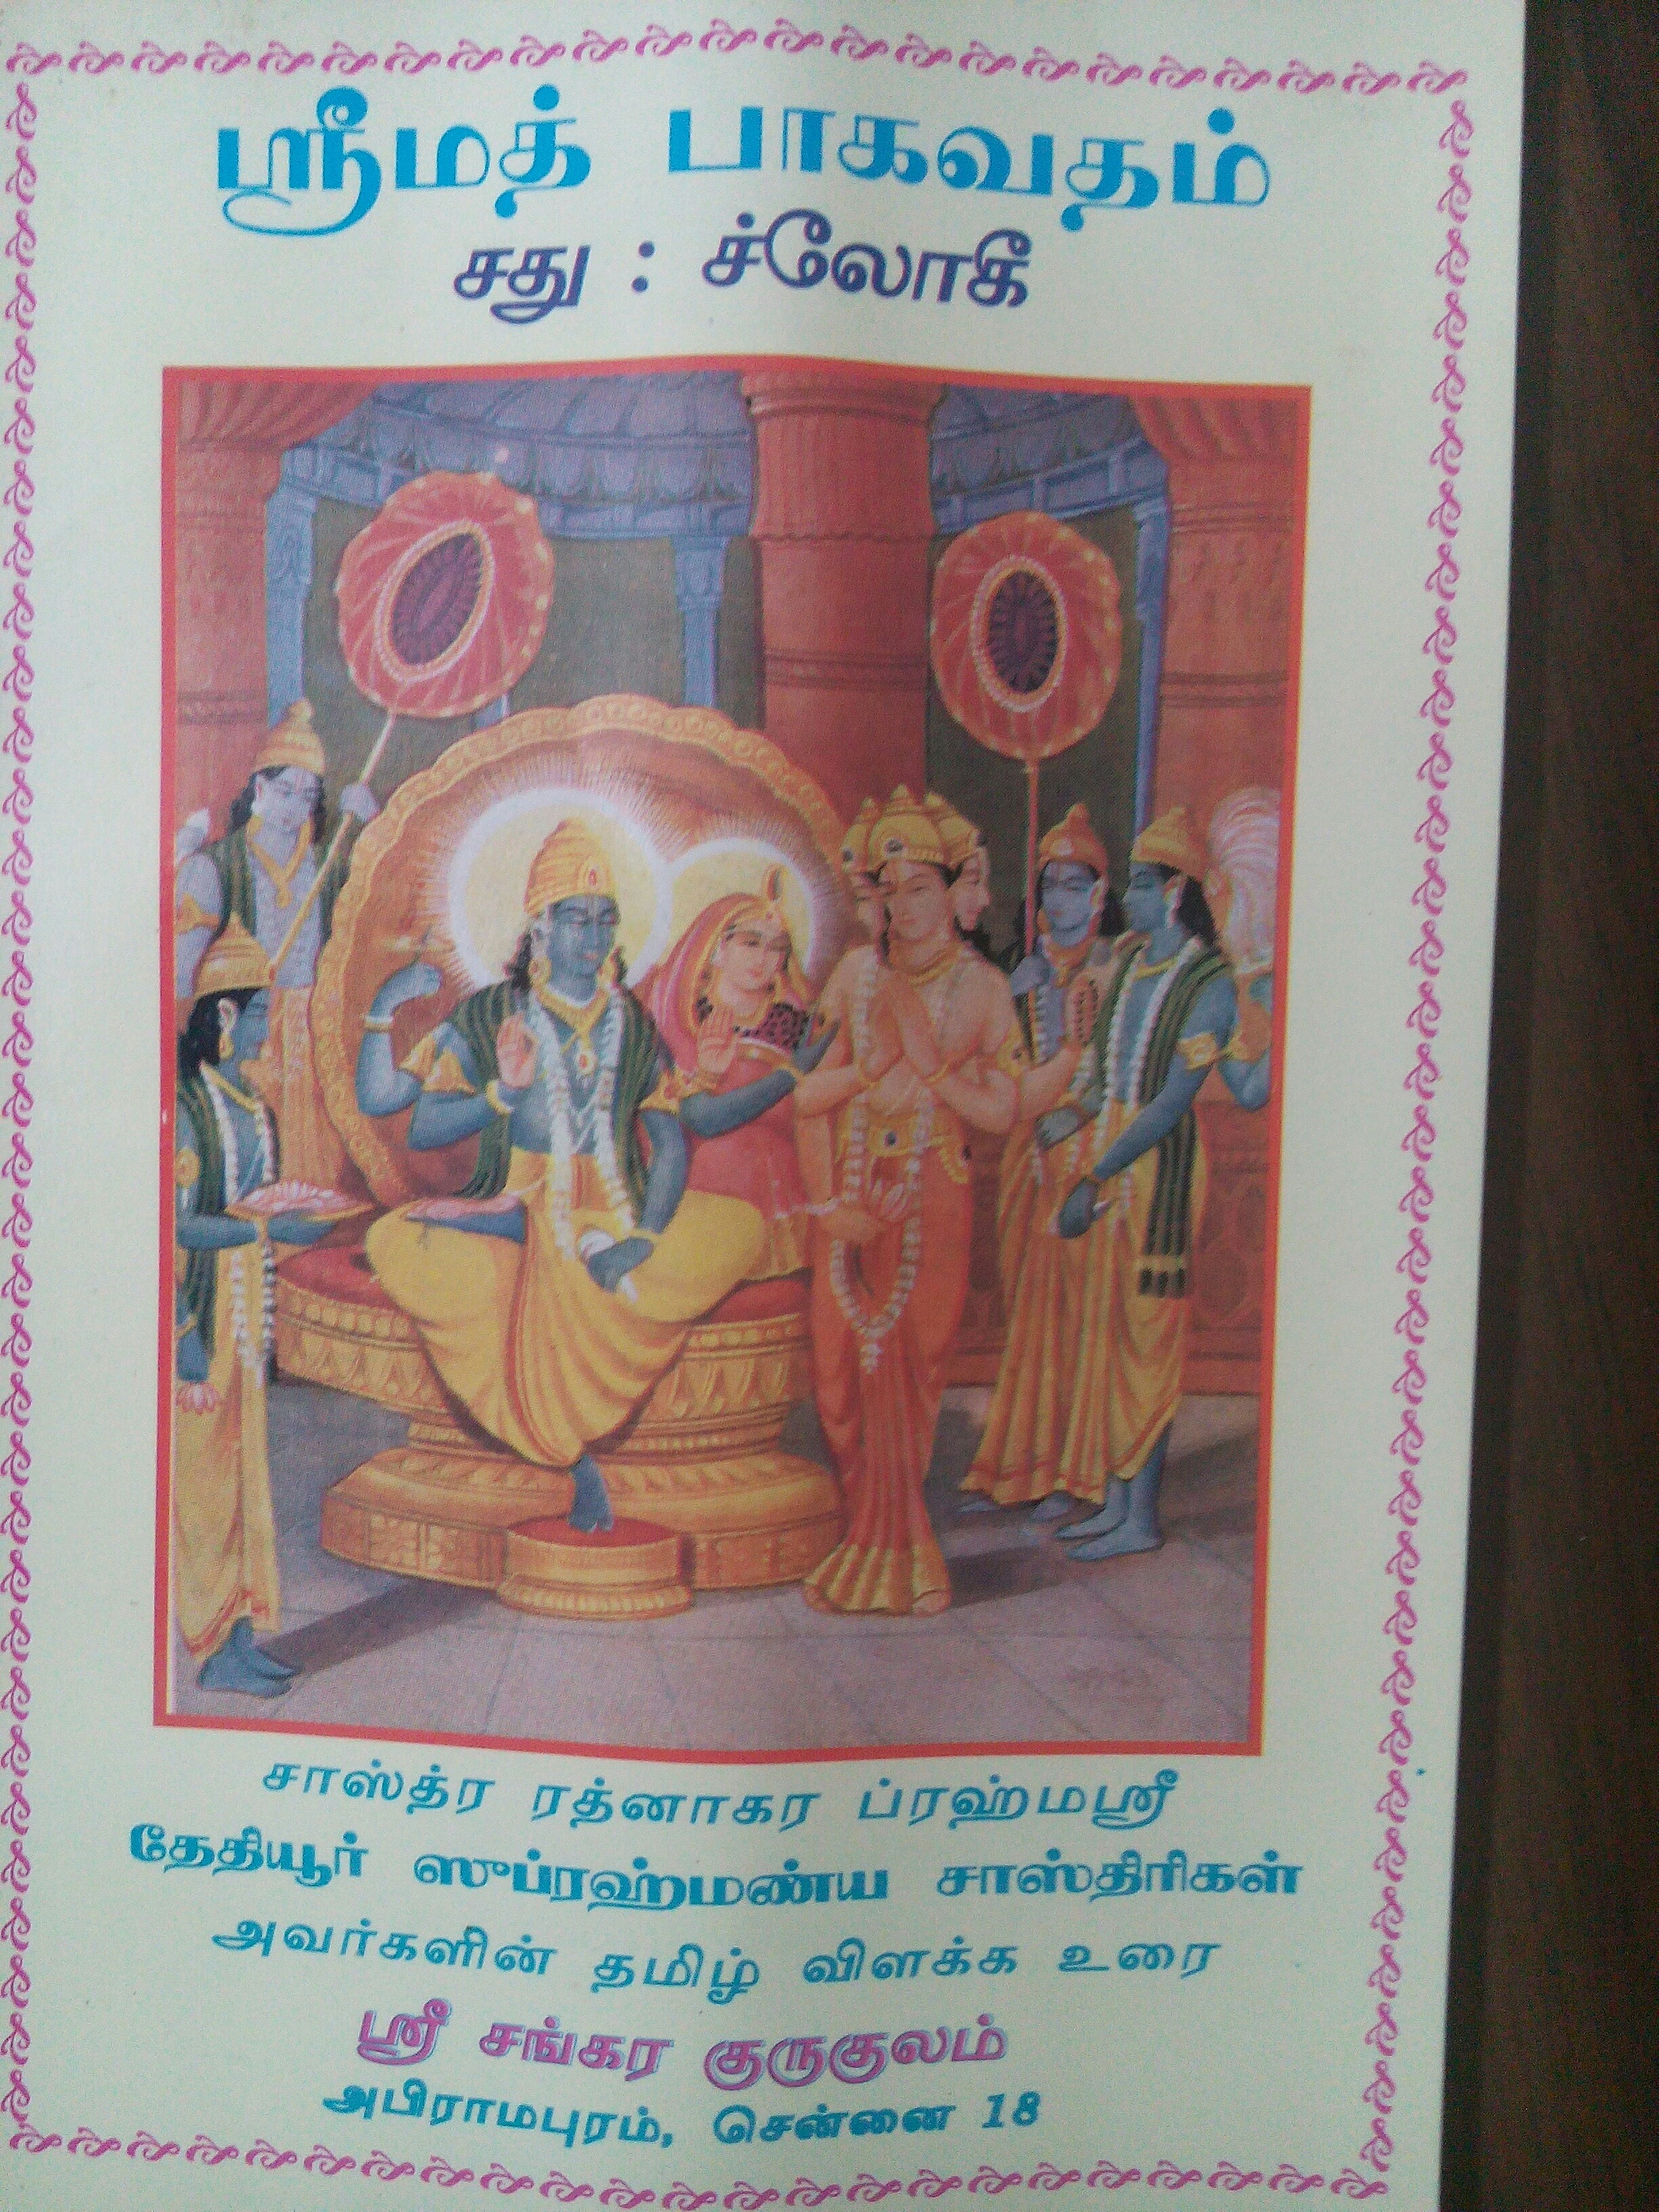 ஸ்ரீம்த் பாகவதம் சது : ச்லோகீ